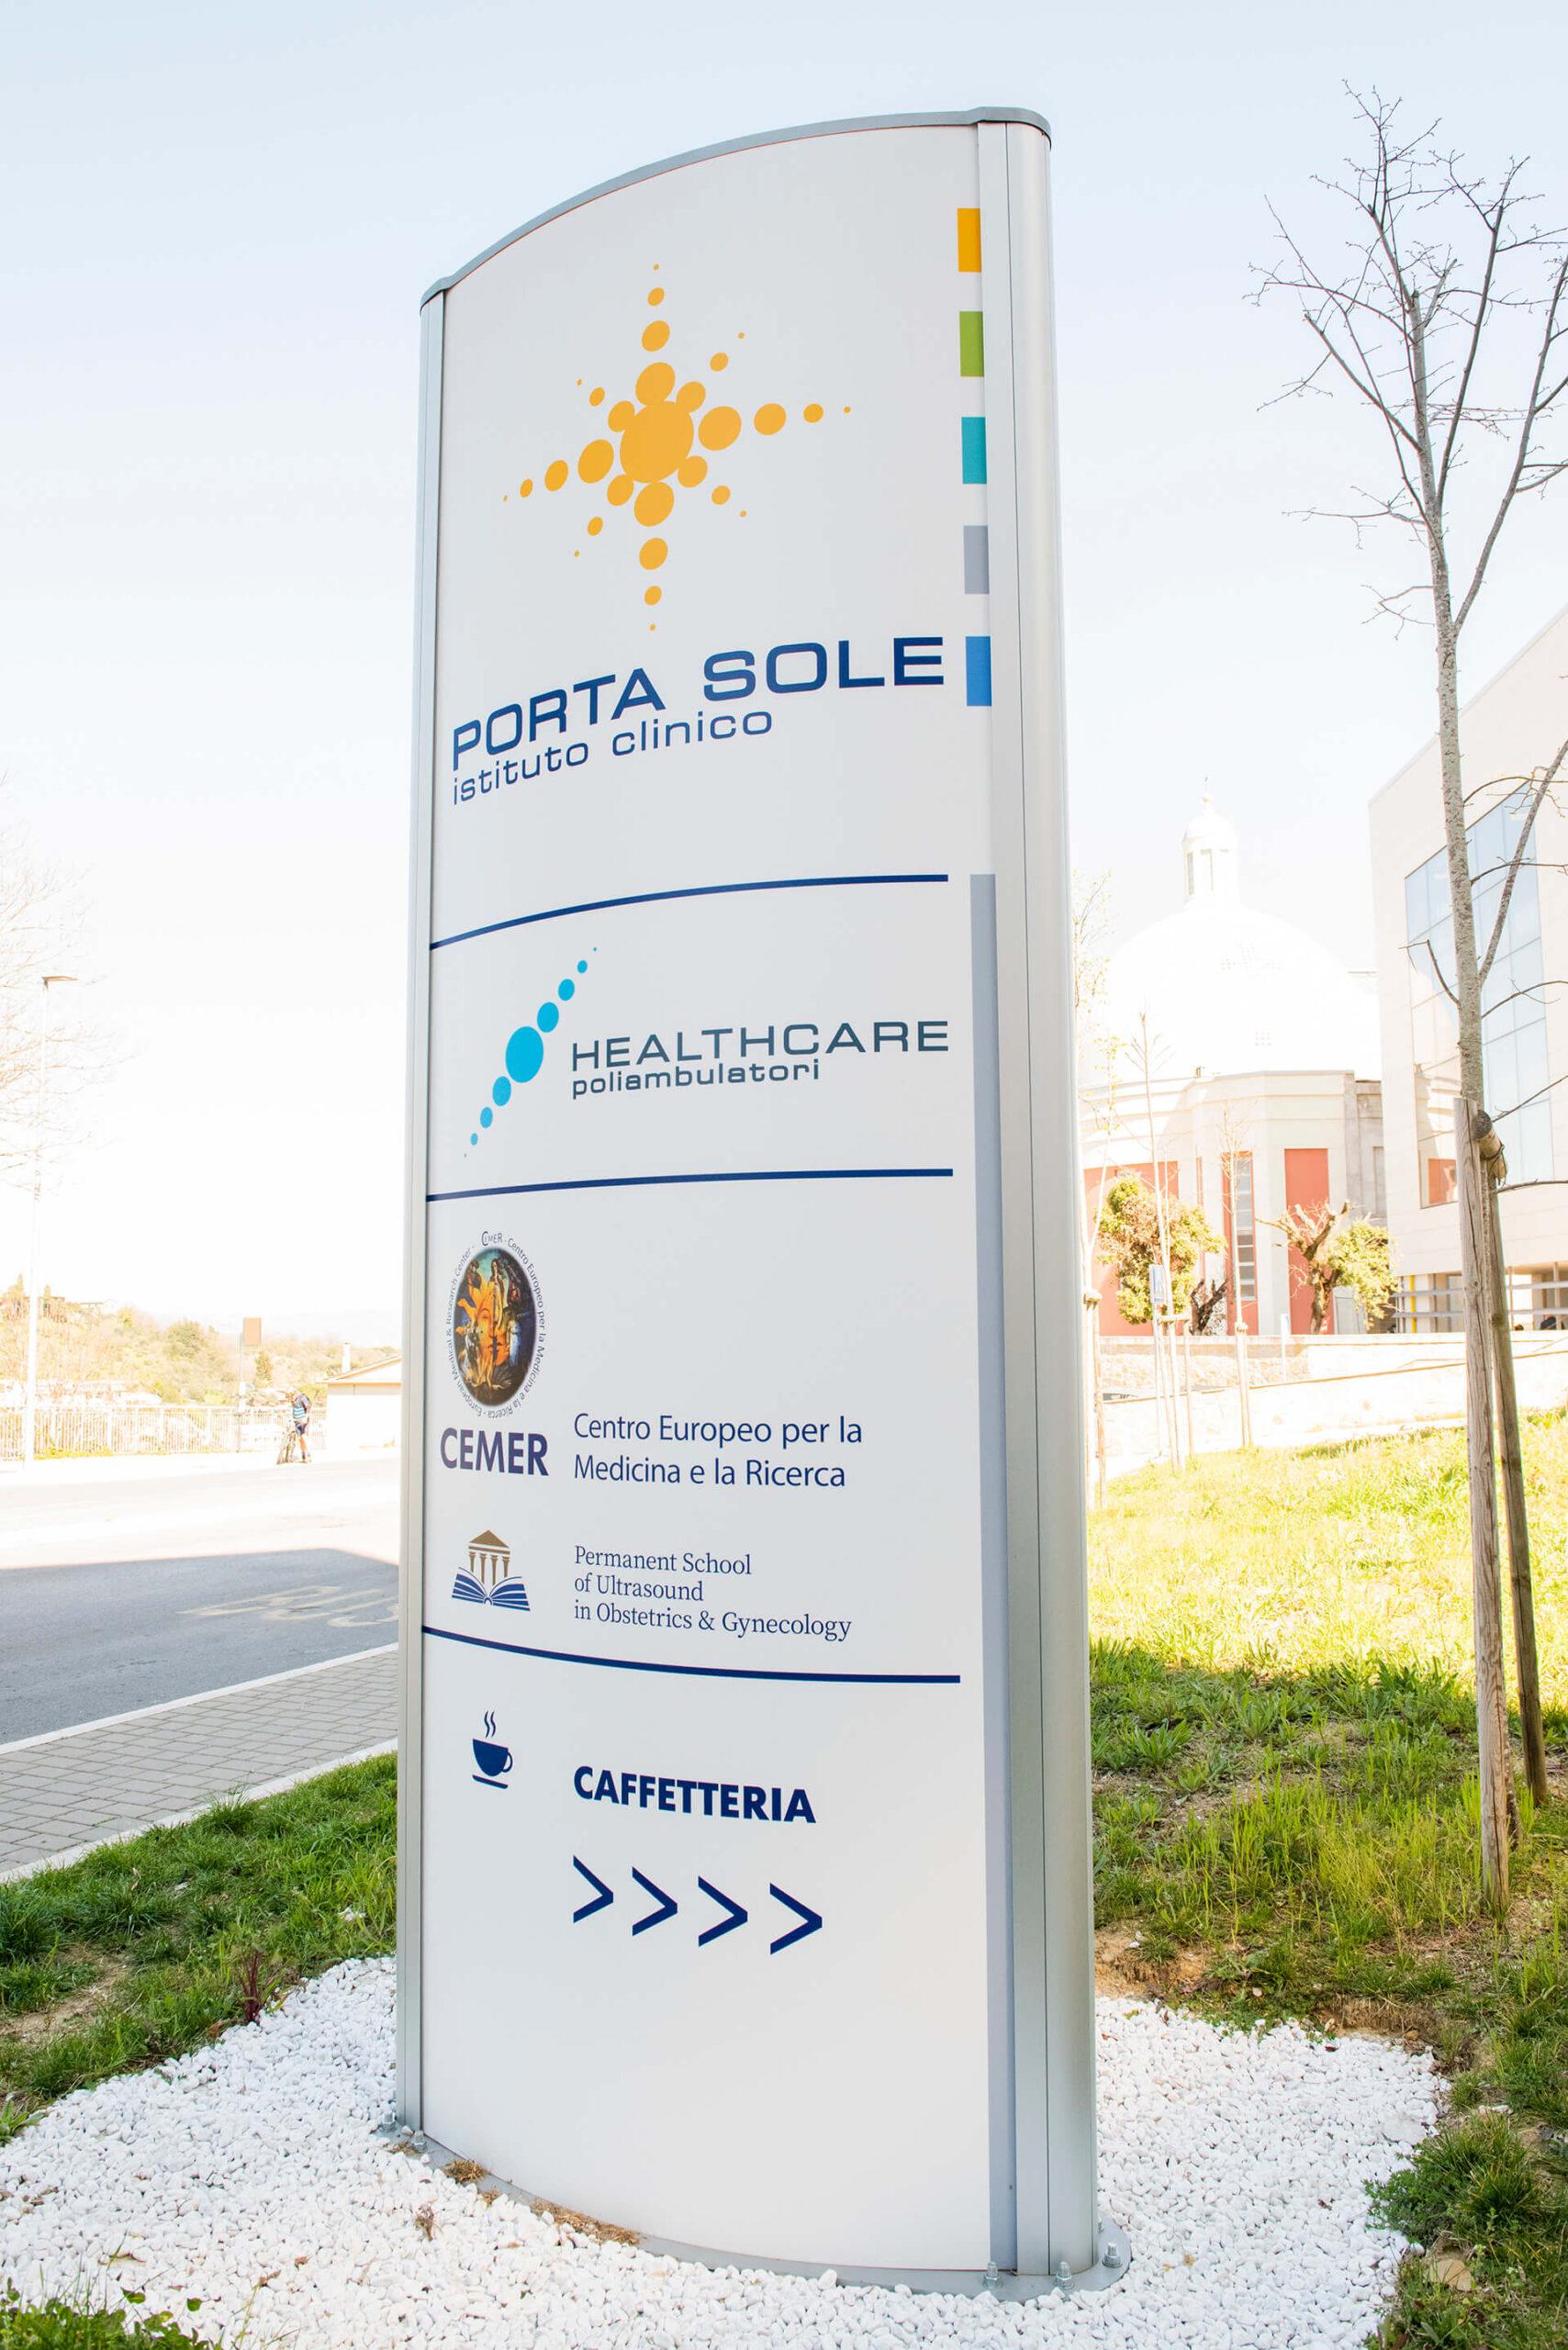 Allestimenti Grafox - Insegne&Outdoor - Istituto Clinico Porta Sole - Perugia